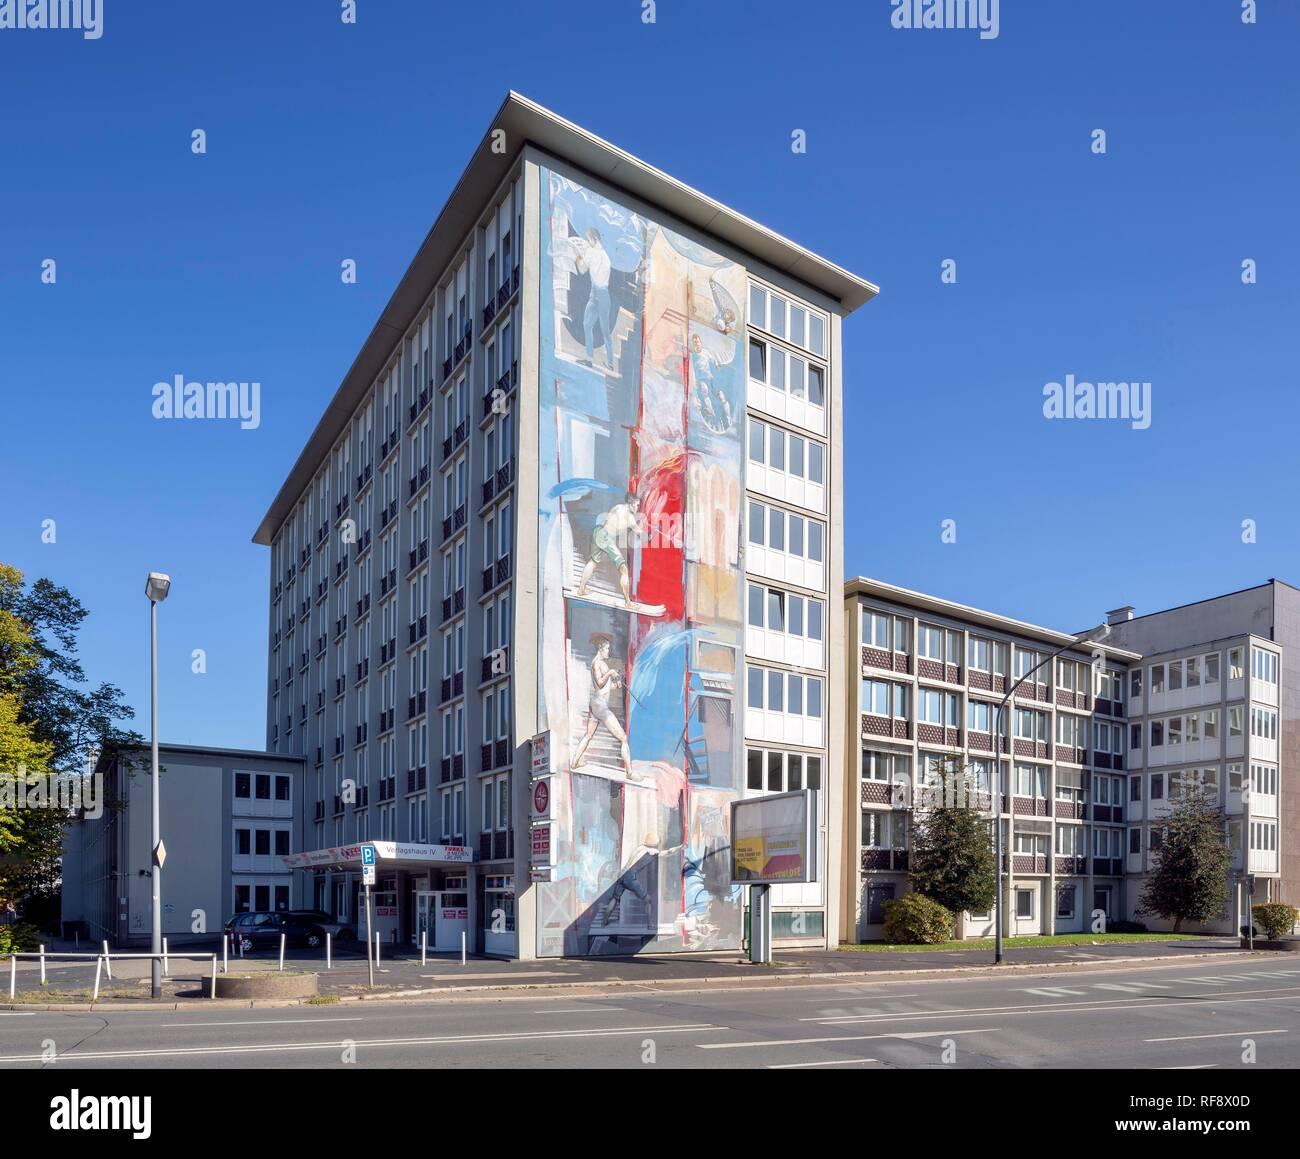 Verlag und Redaktion Gebäude Westdeutsche Allgemeine Zeitung, WAZ, Funke Media Group, Essen, Ruhrgebiet Stockbild